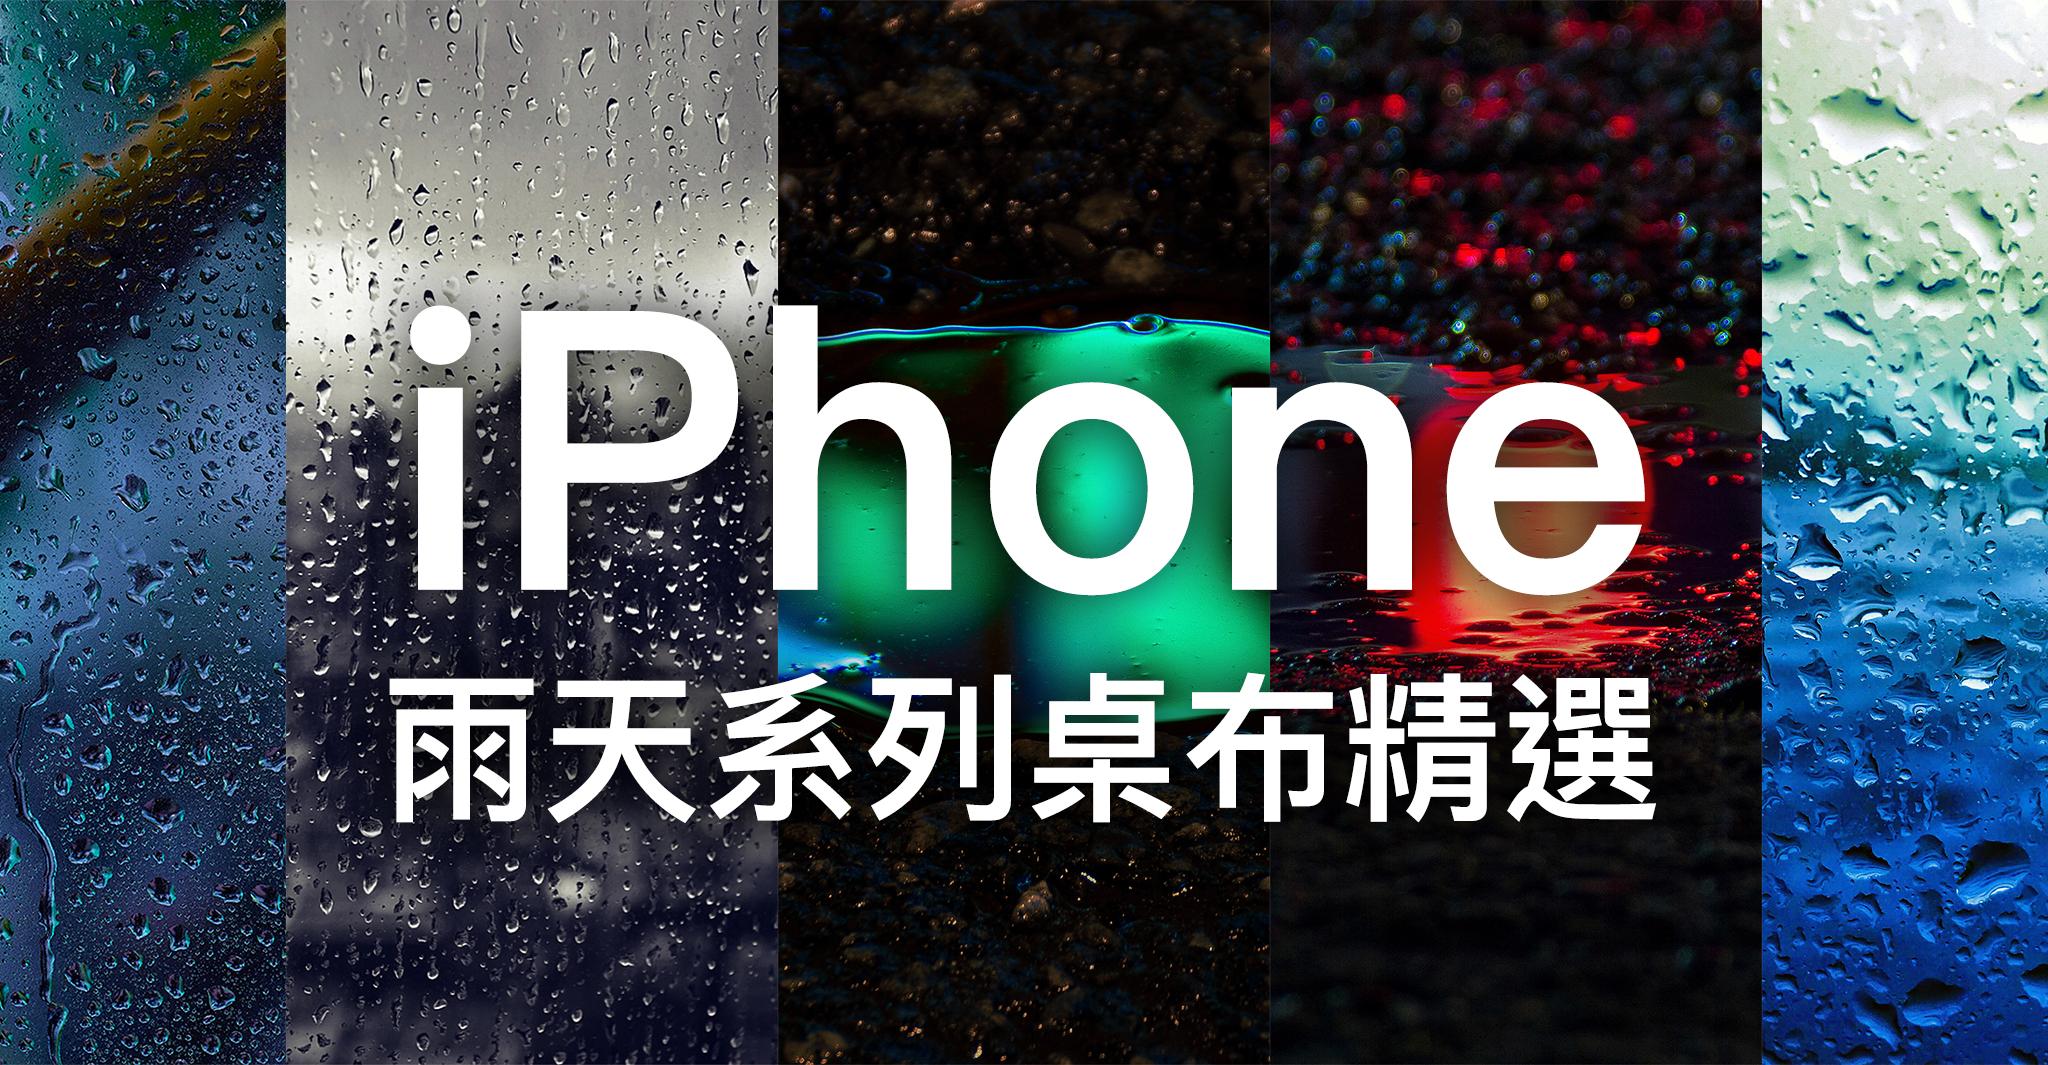 iPhone X 桌布、iPhone 桌布、雨天桌布